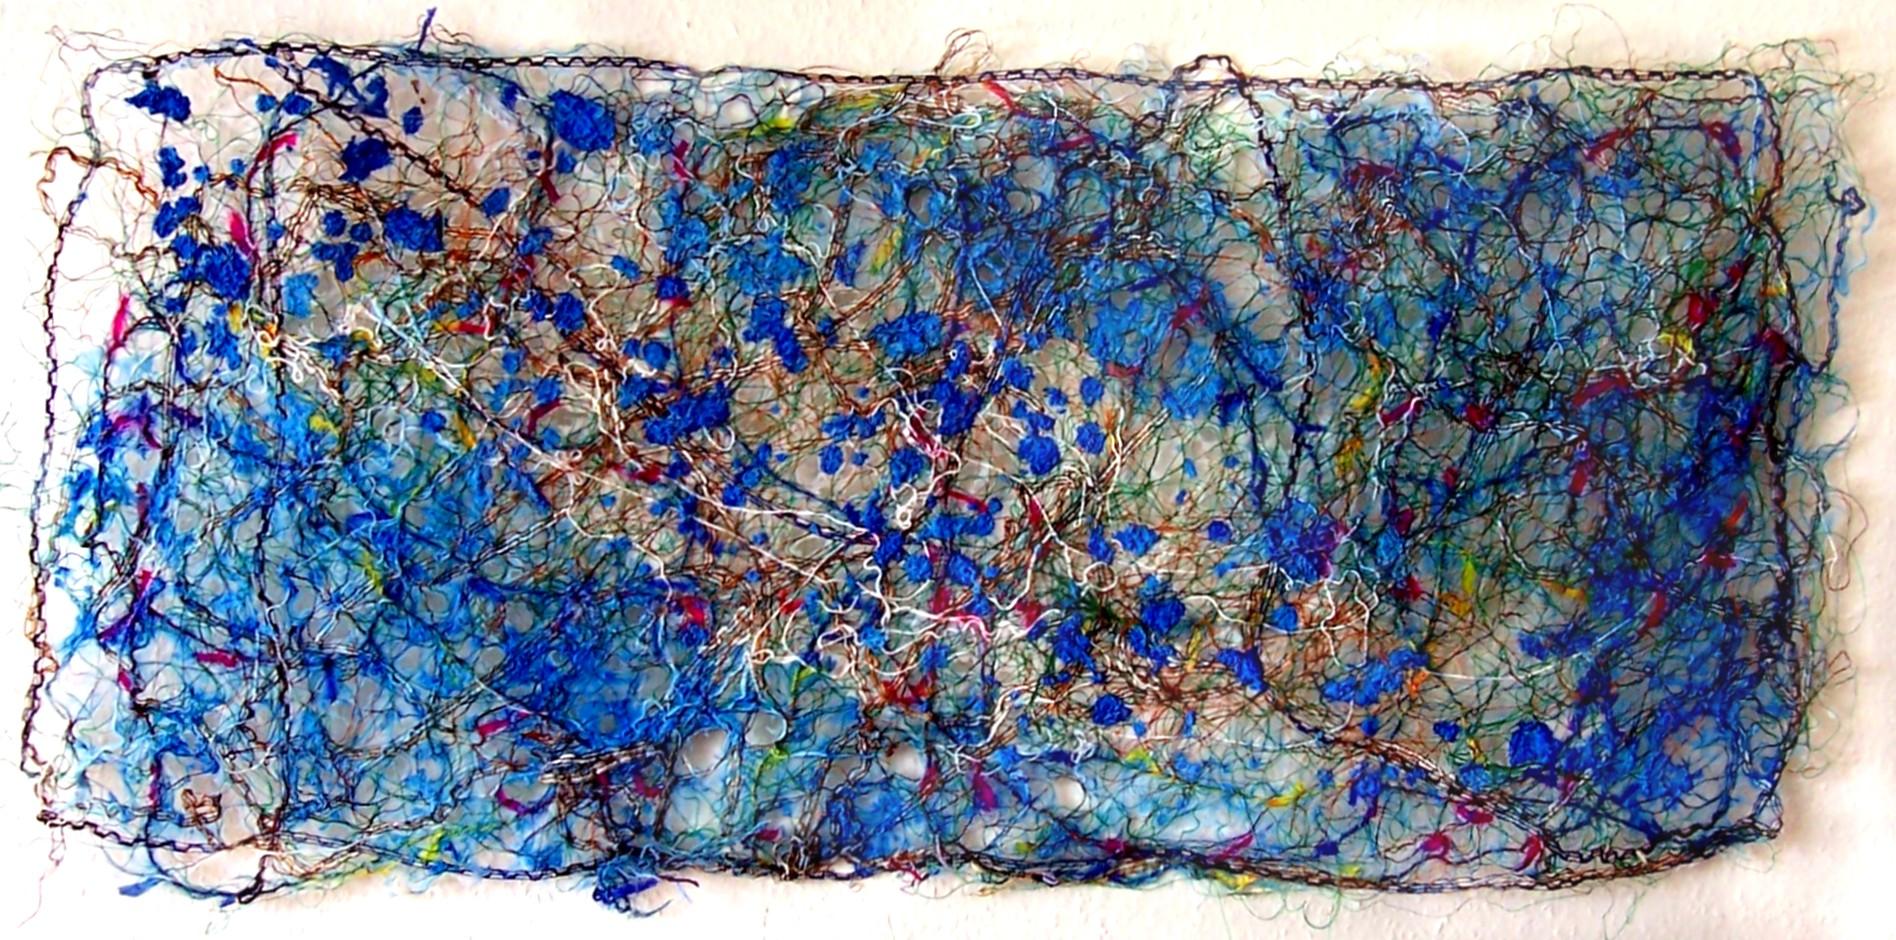 Tekstil Collage